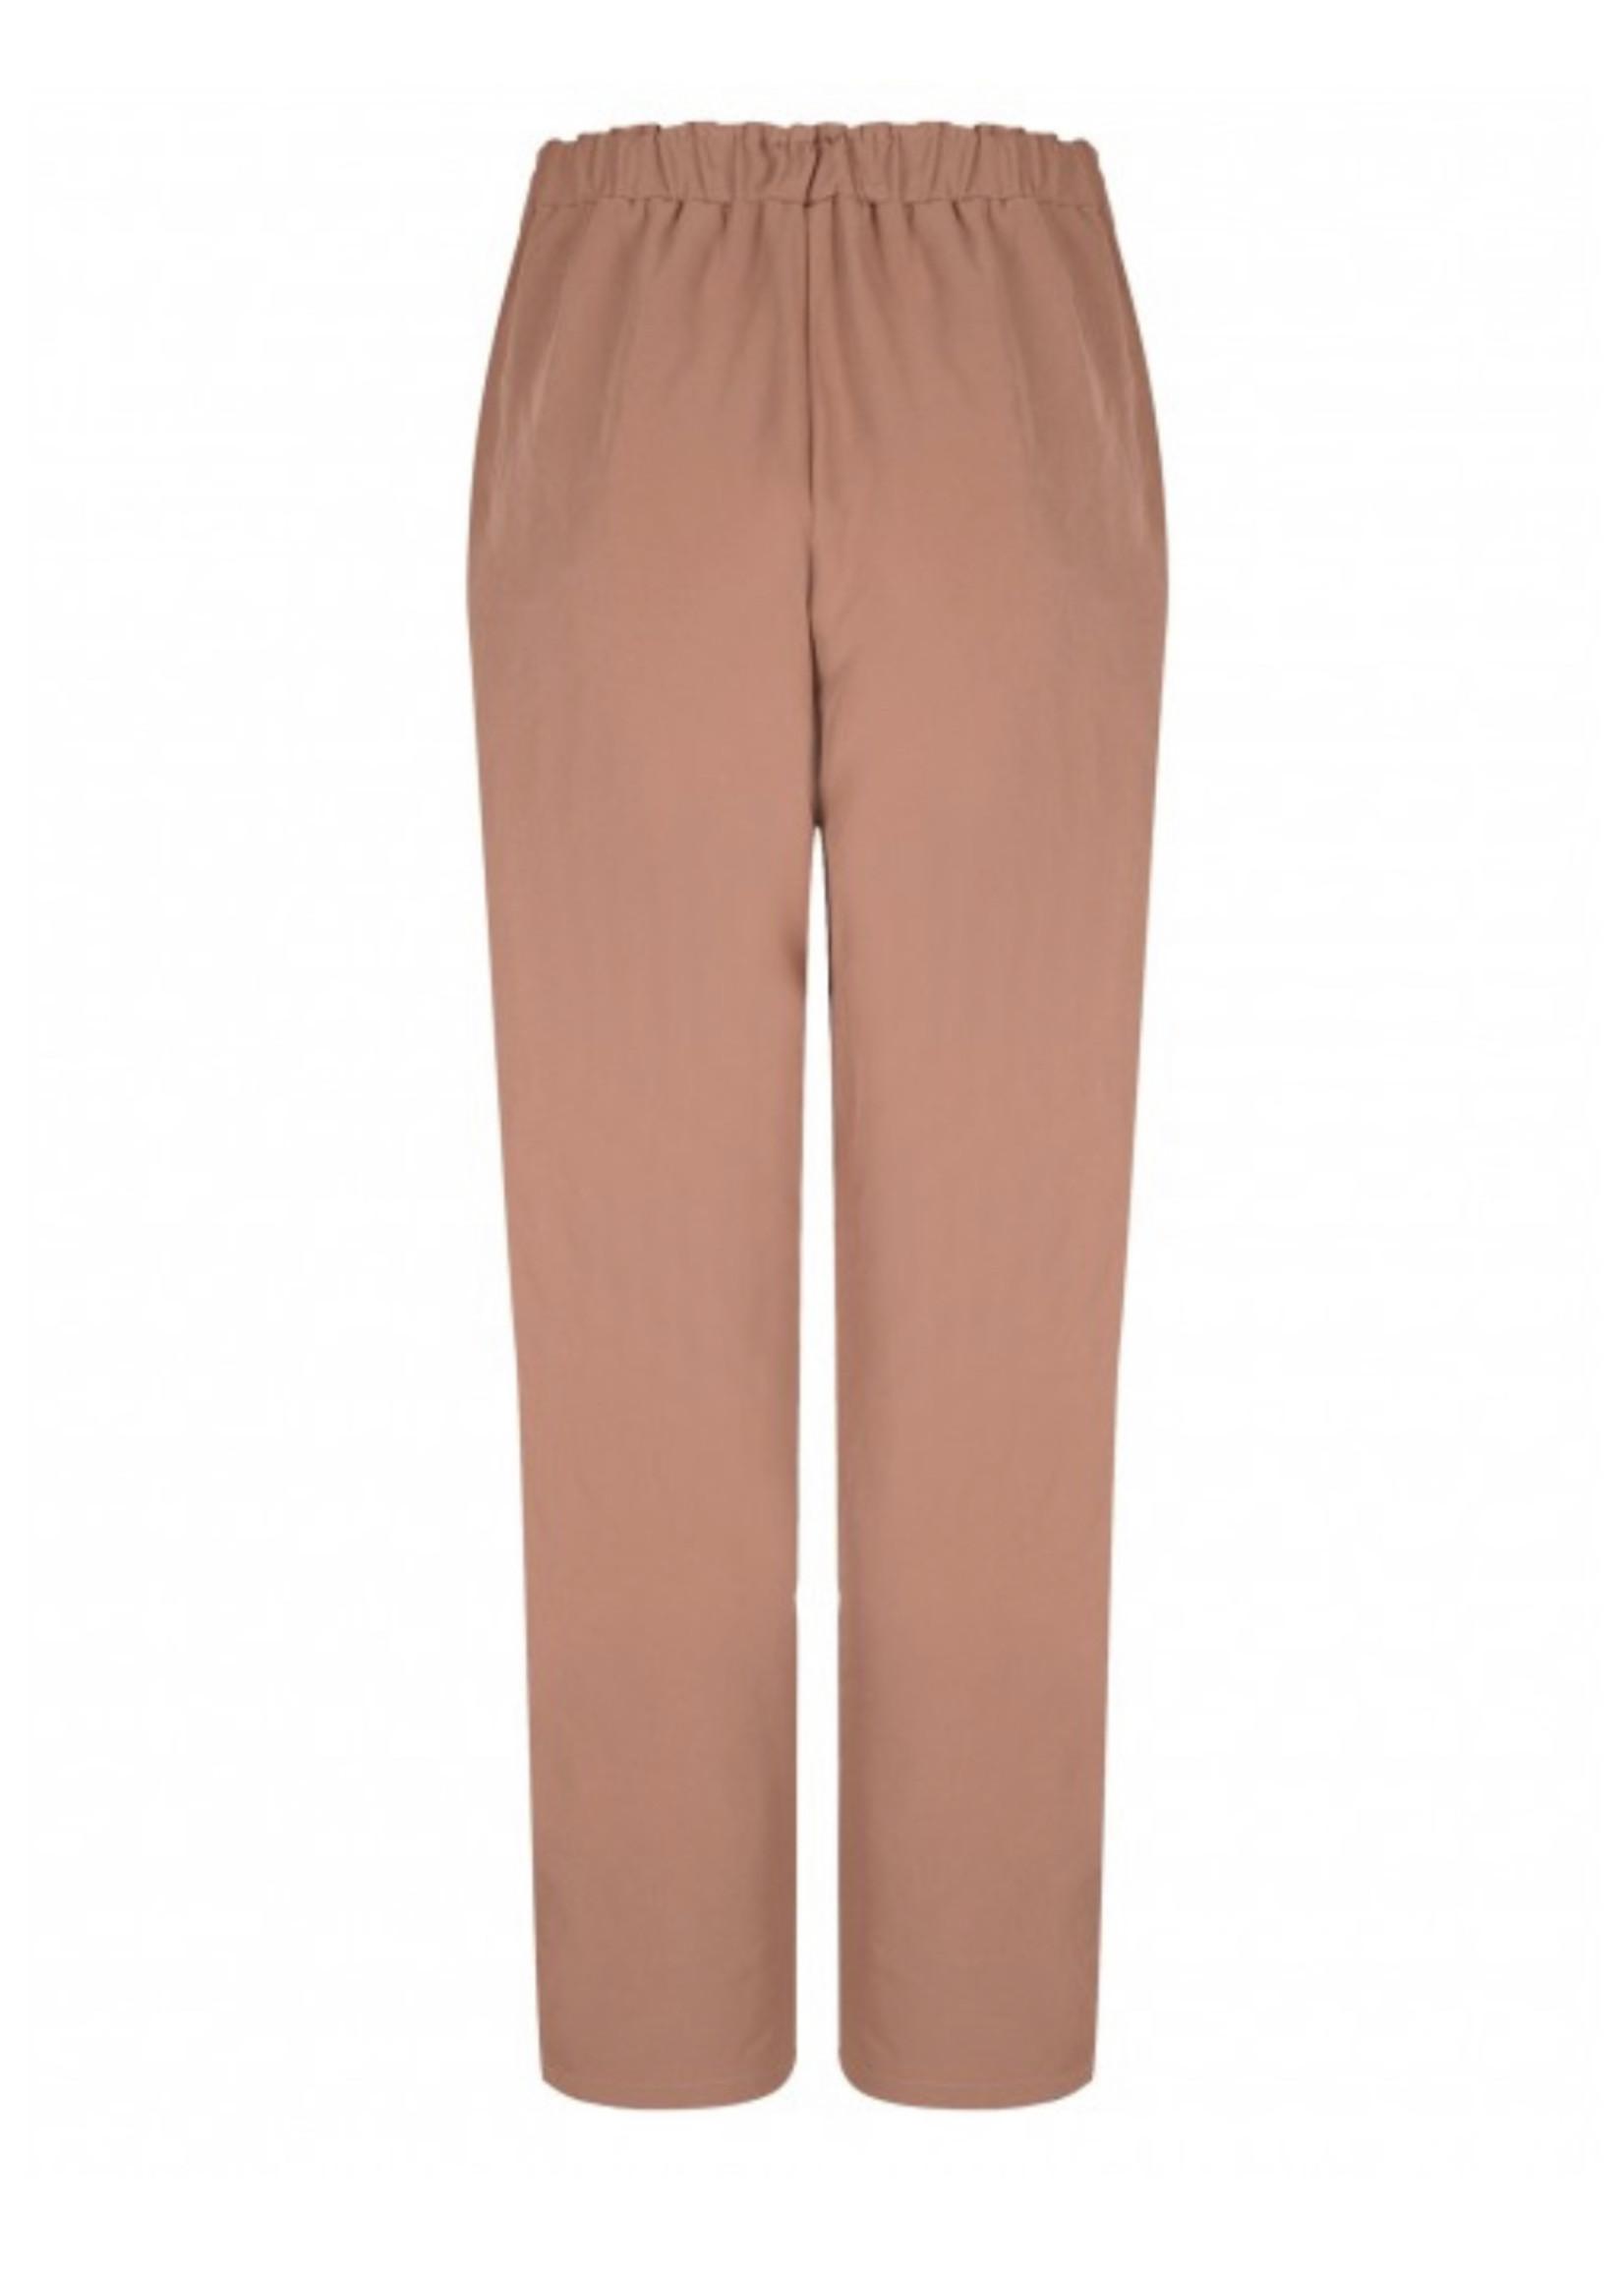 YDENCE Highwaist broek in oud roze van Ydence